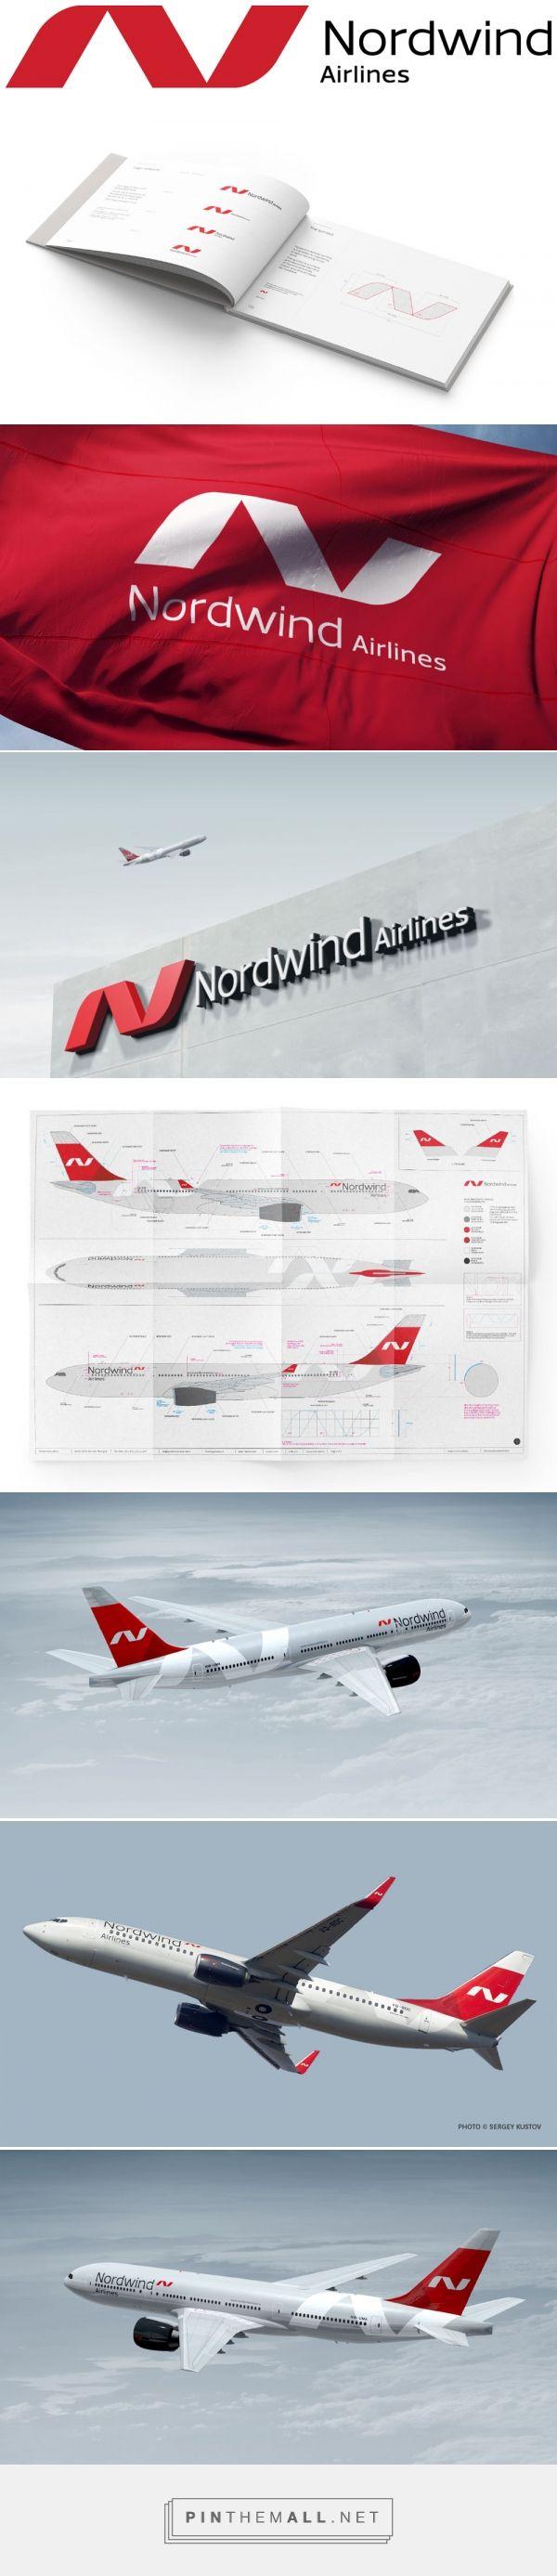 45 best Air Branding images on Pinterest | Brand design, Branding ...